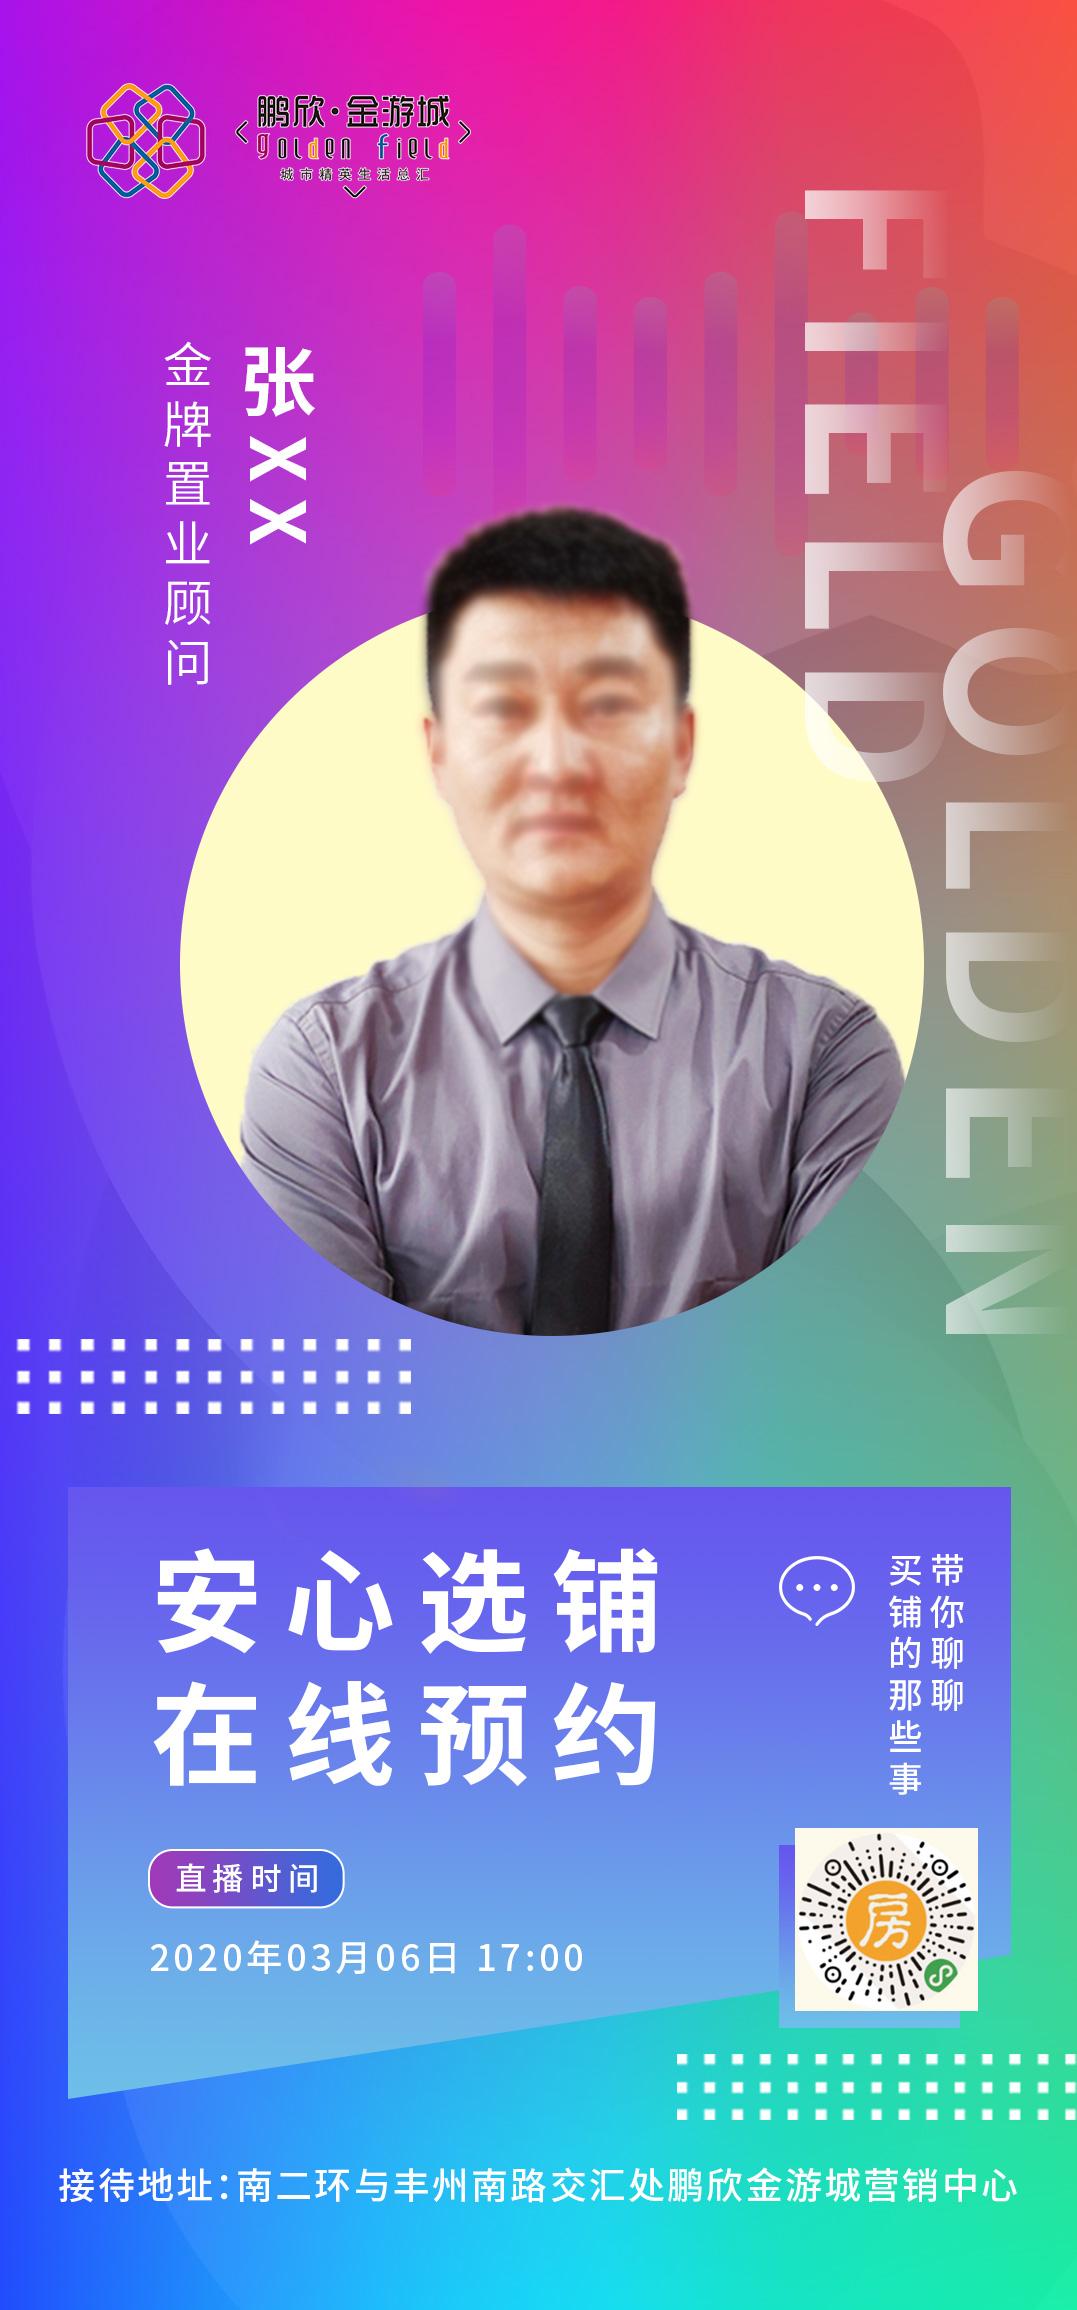 微信网络直播宣传海报